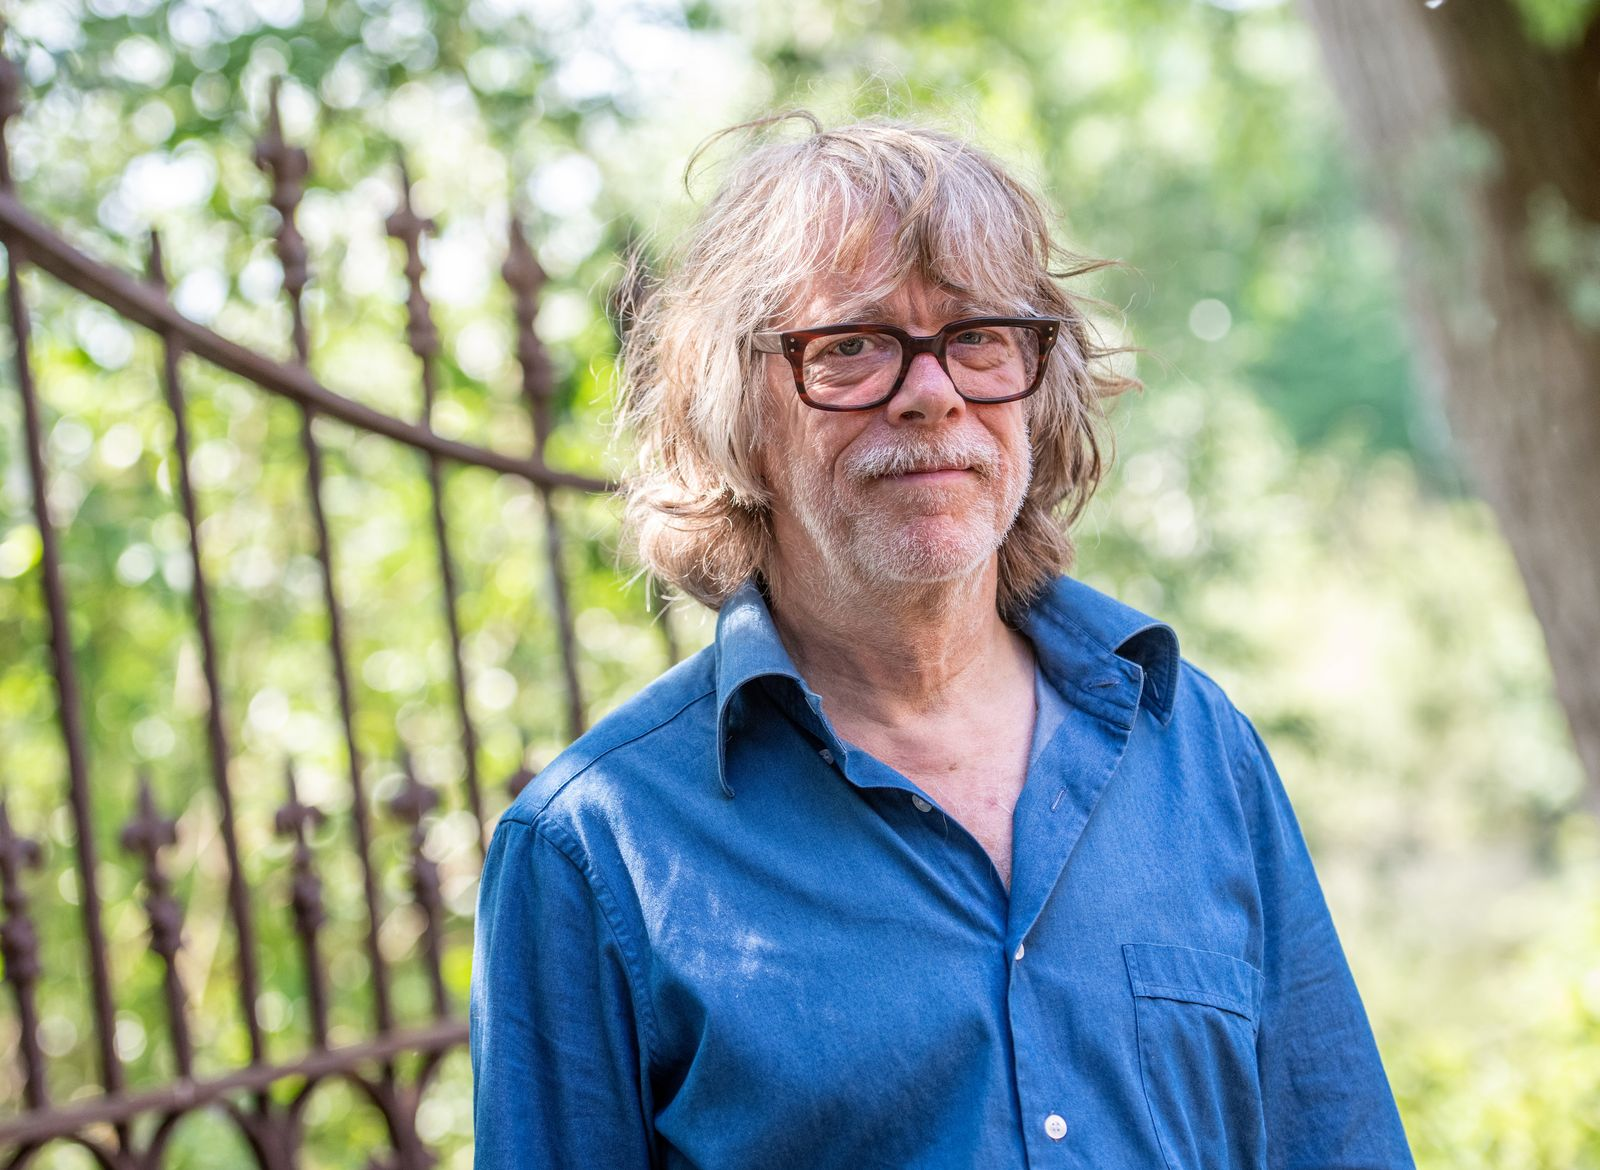 Musiker Helge Schneider